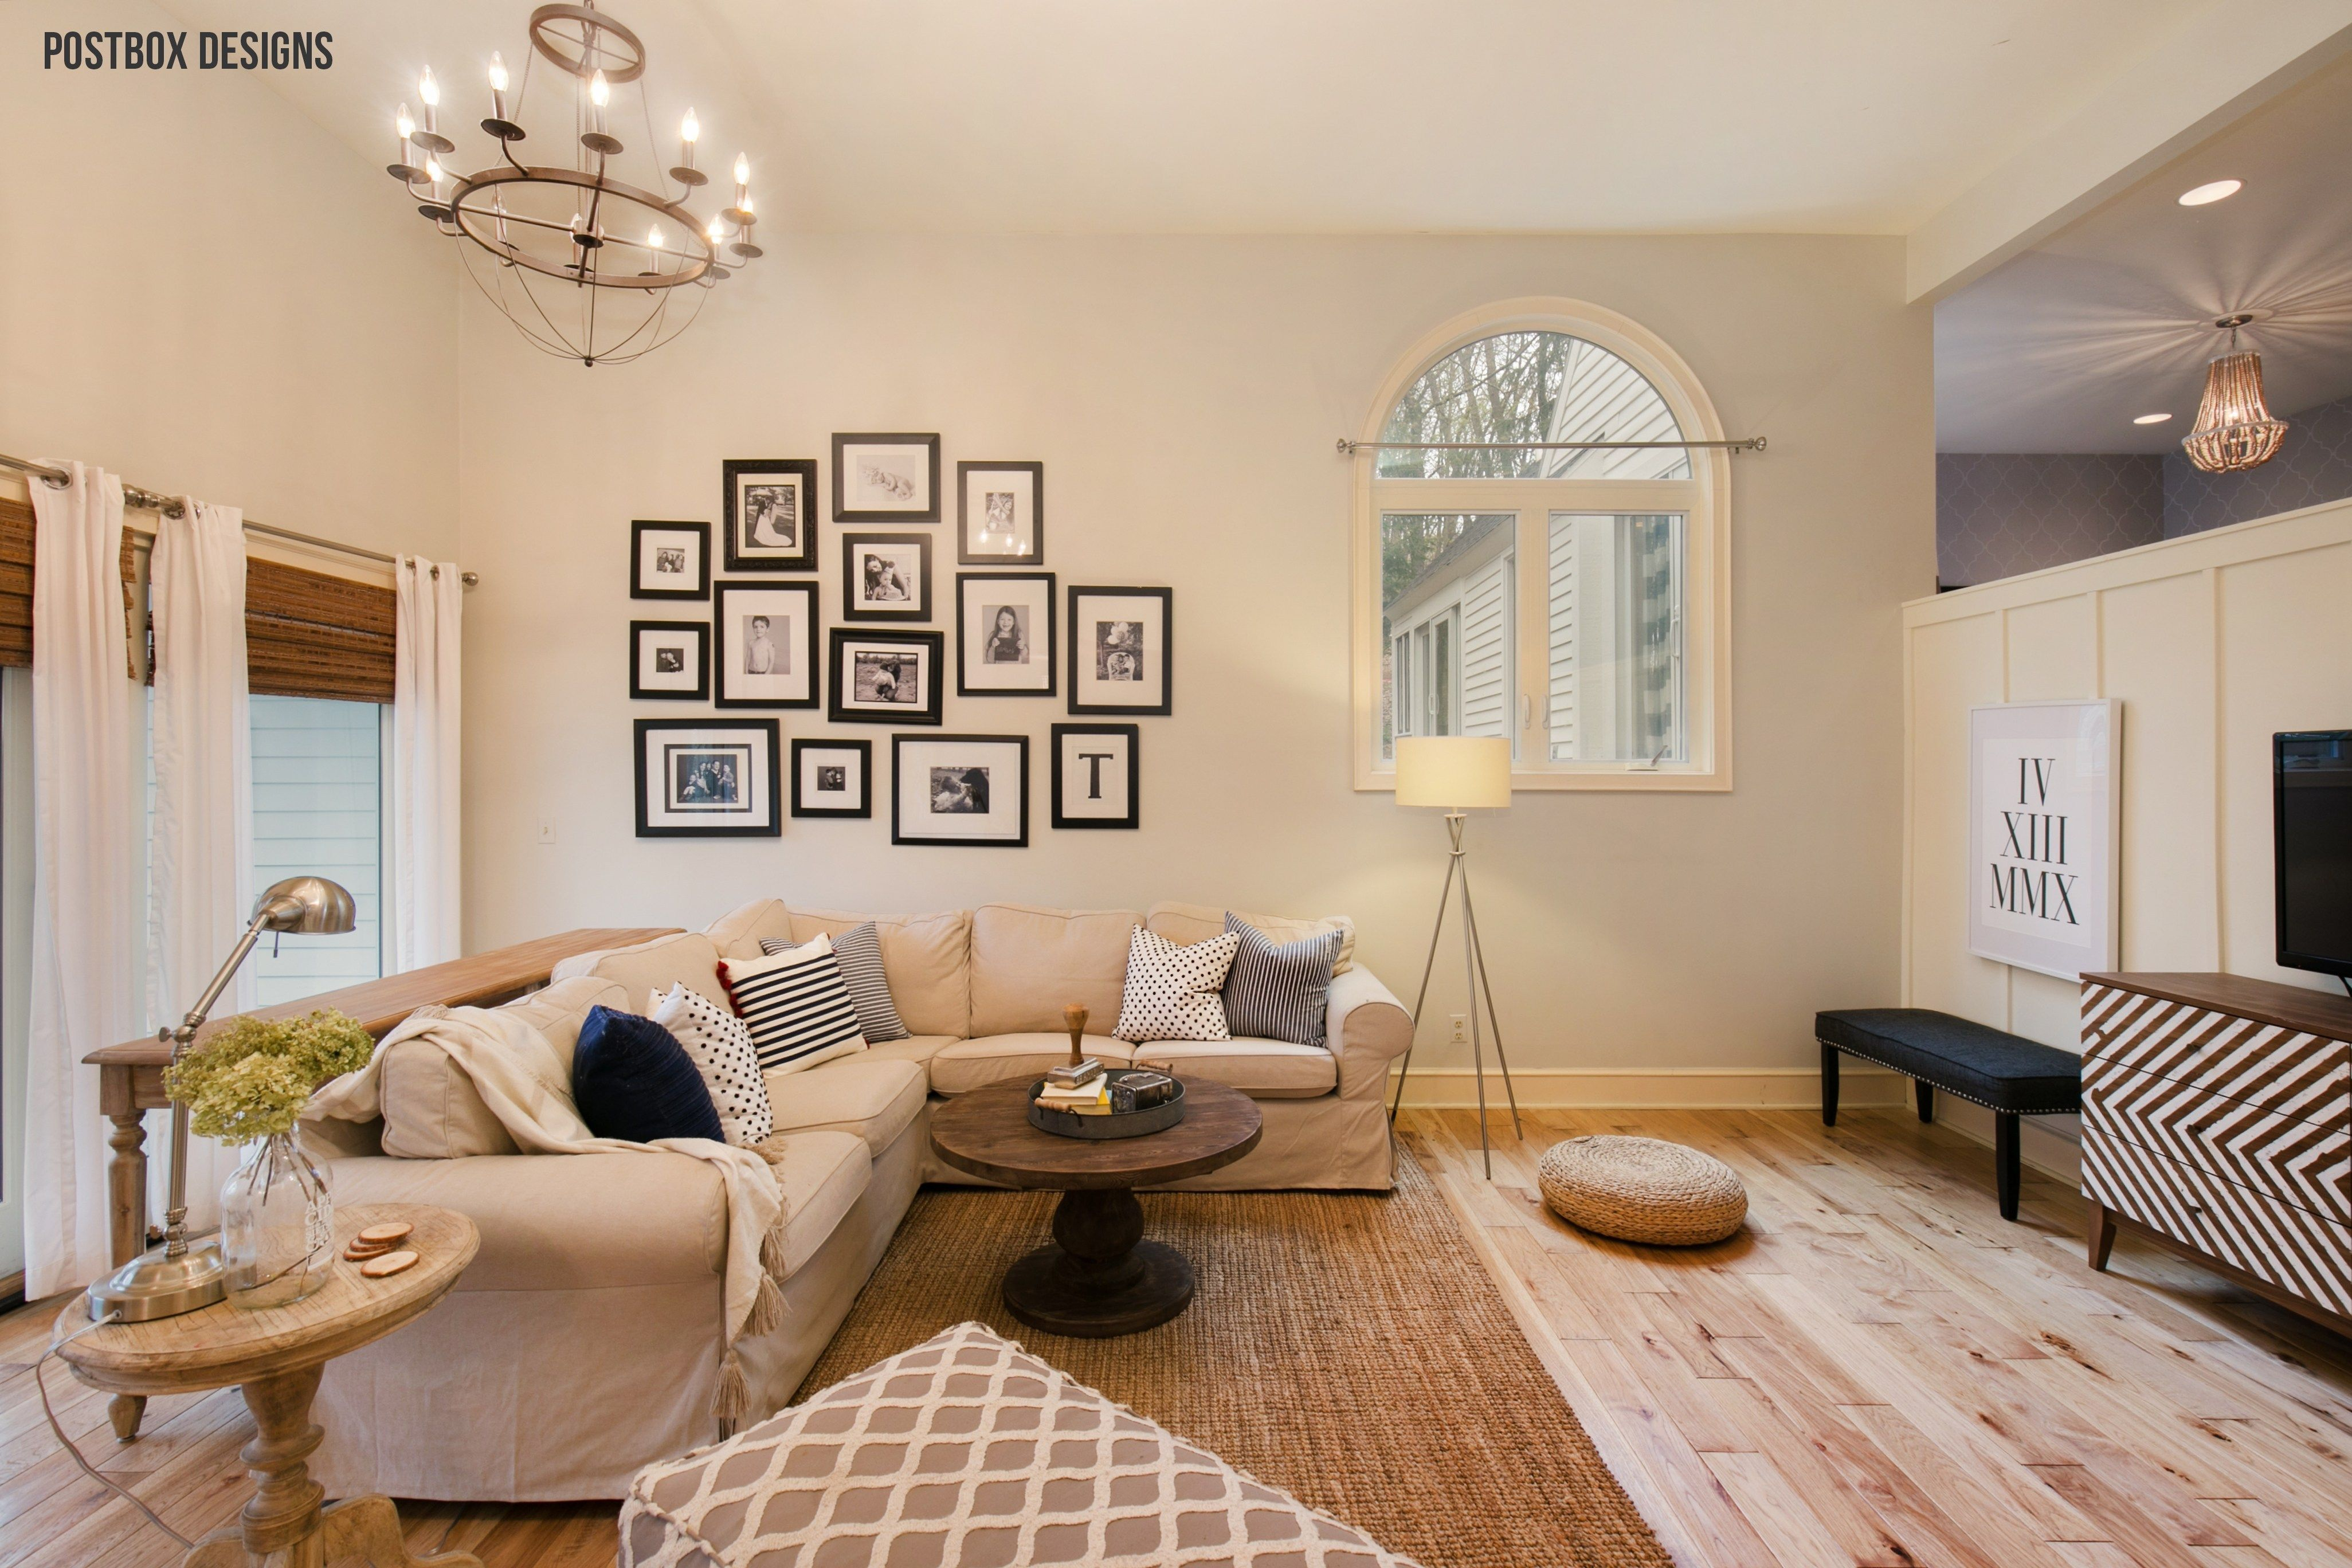 28+ Family room vs living room vs sitting room ideas in 2021